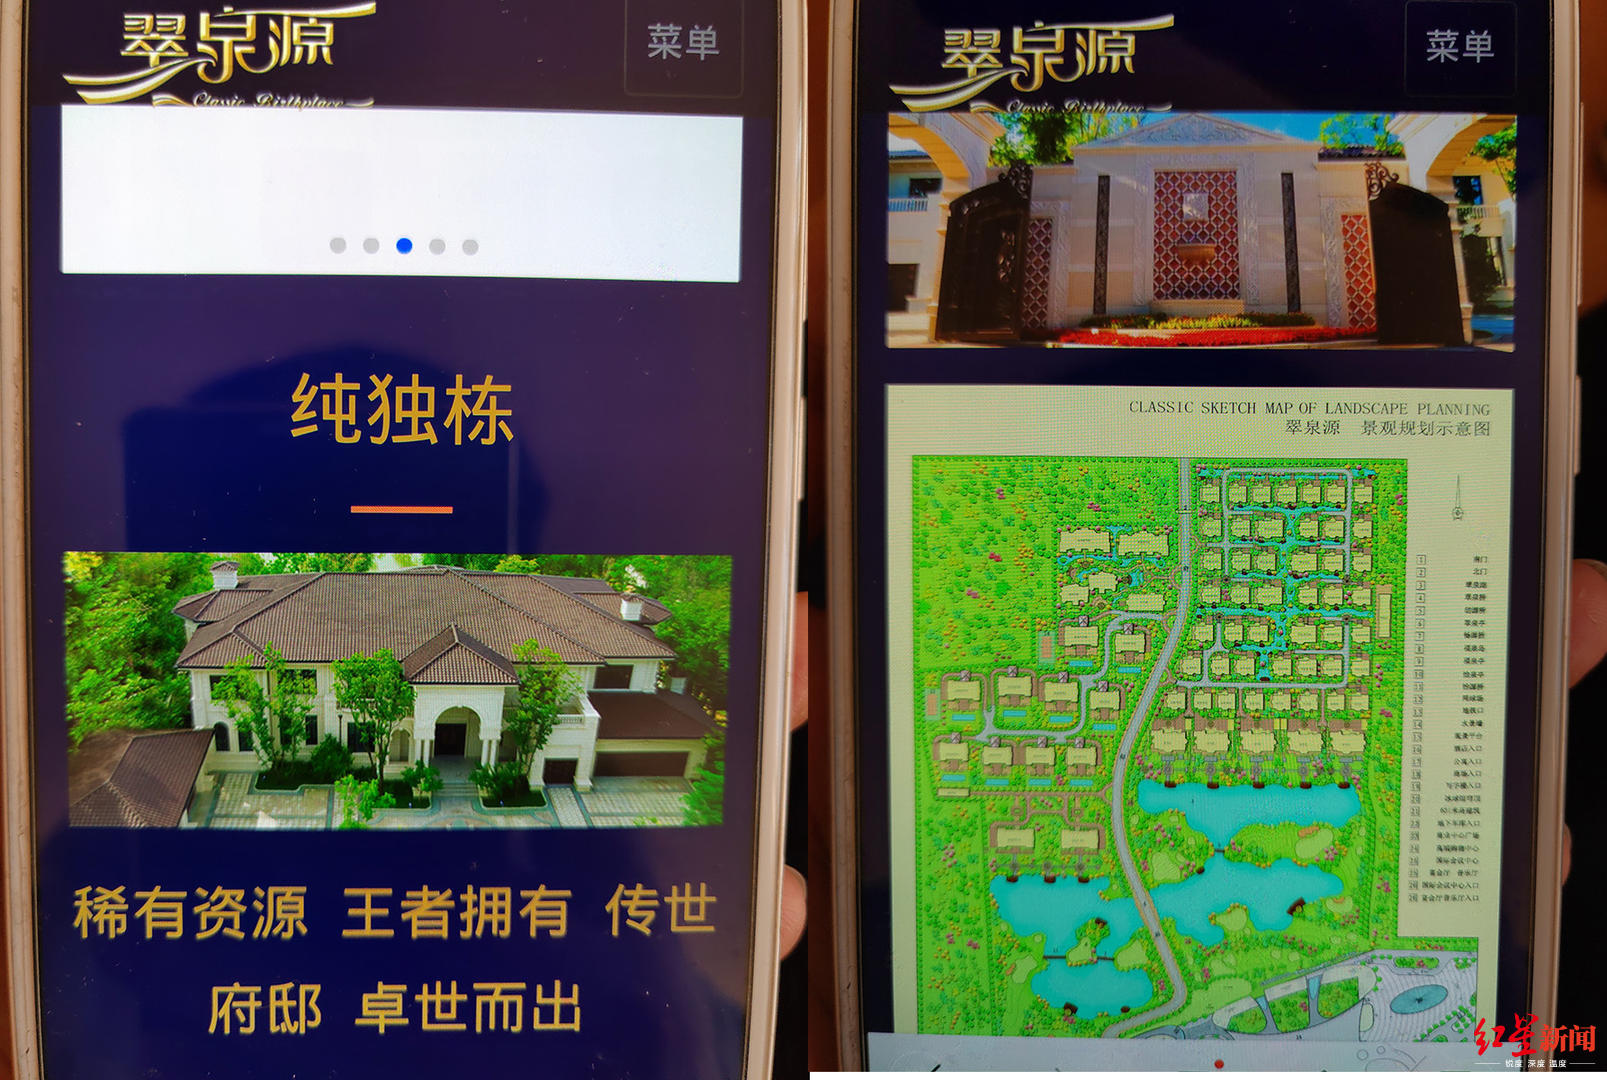 凯旋门指定官网,北京的同志们你们吃的莴笋是这些农民妇女辛勤劳动种出来的!